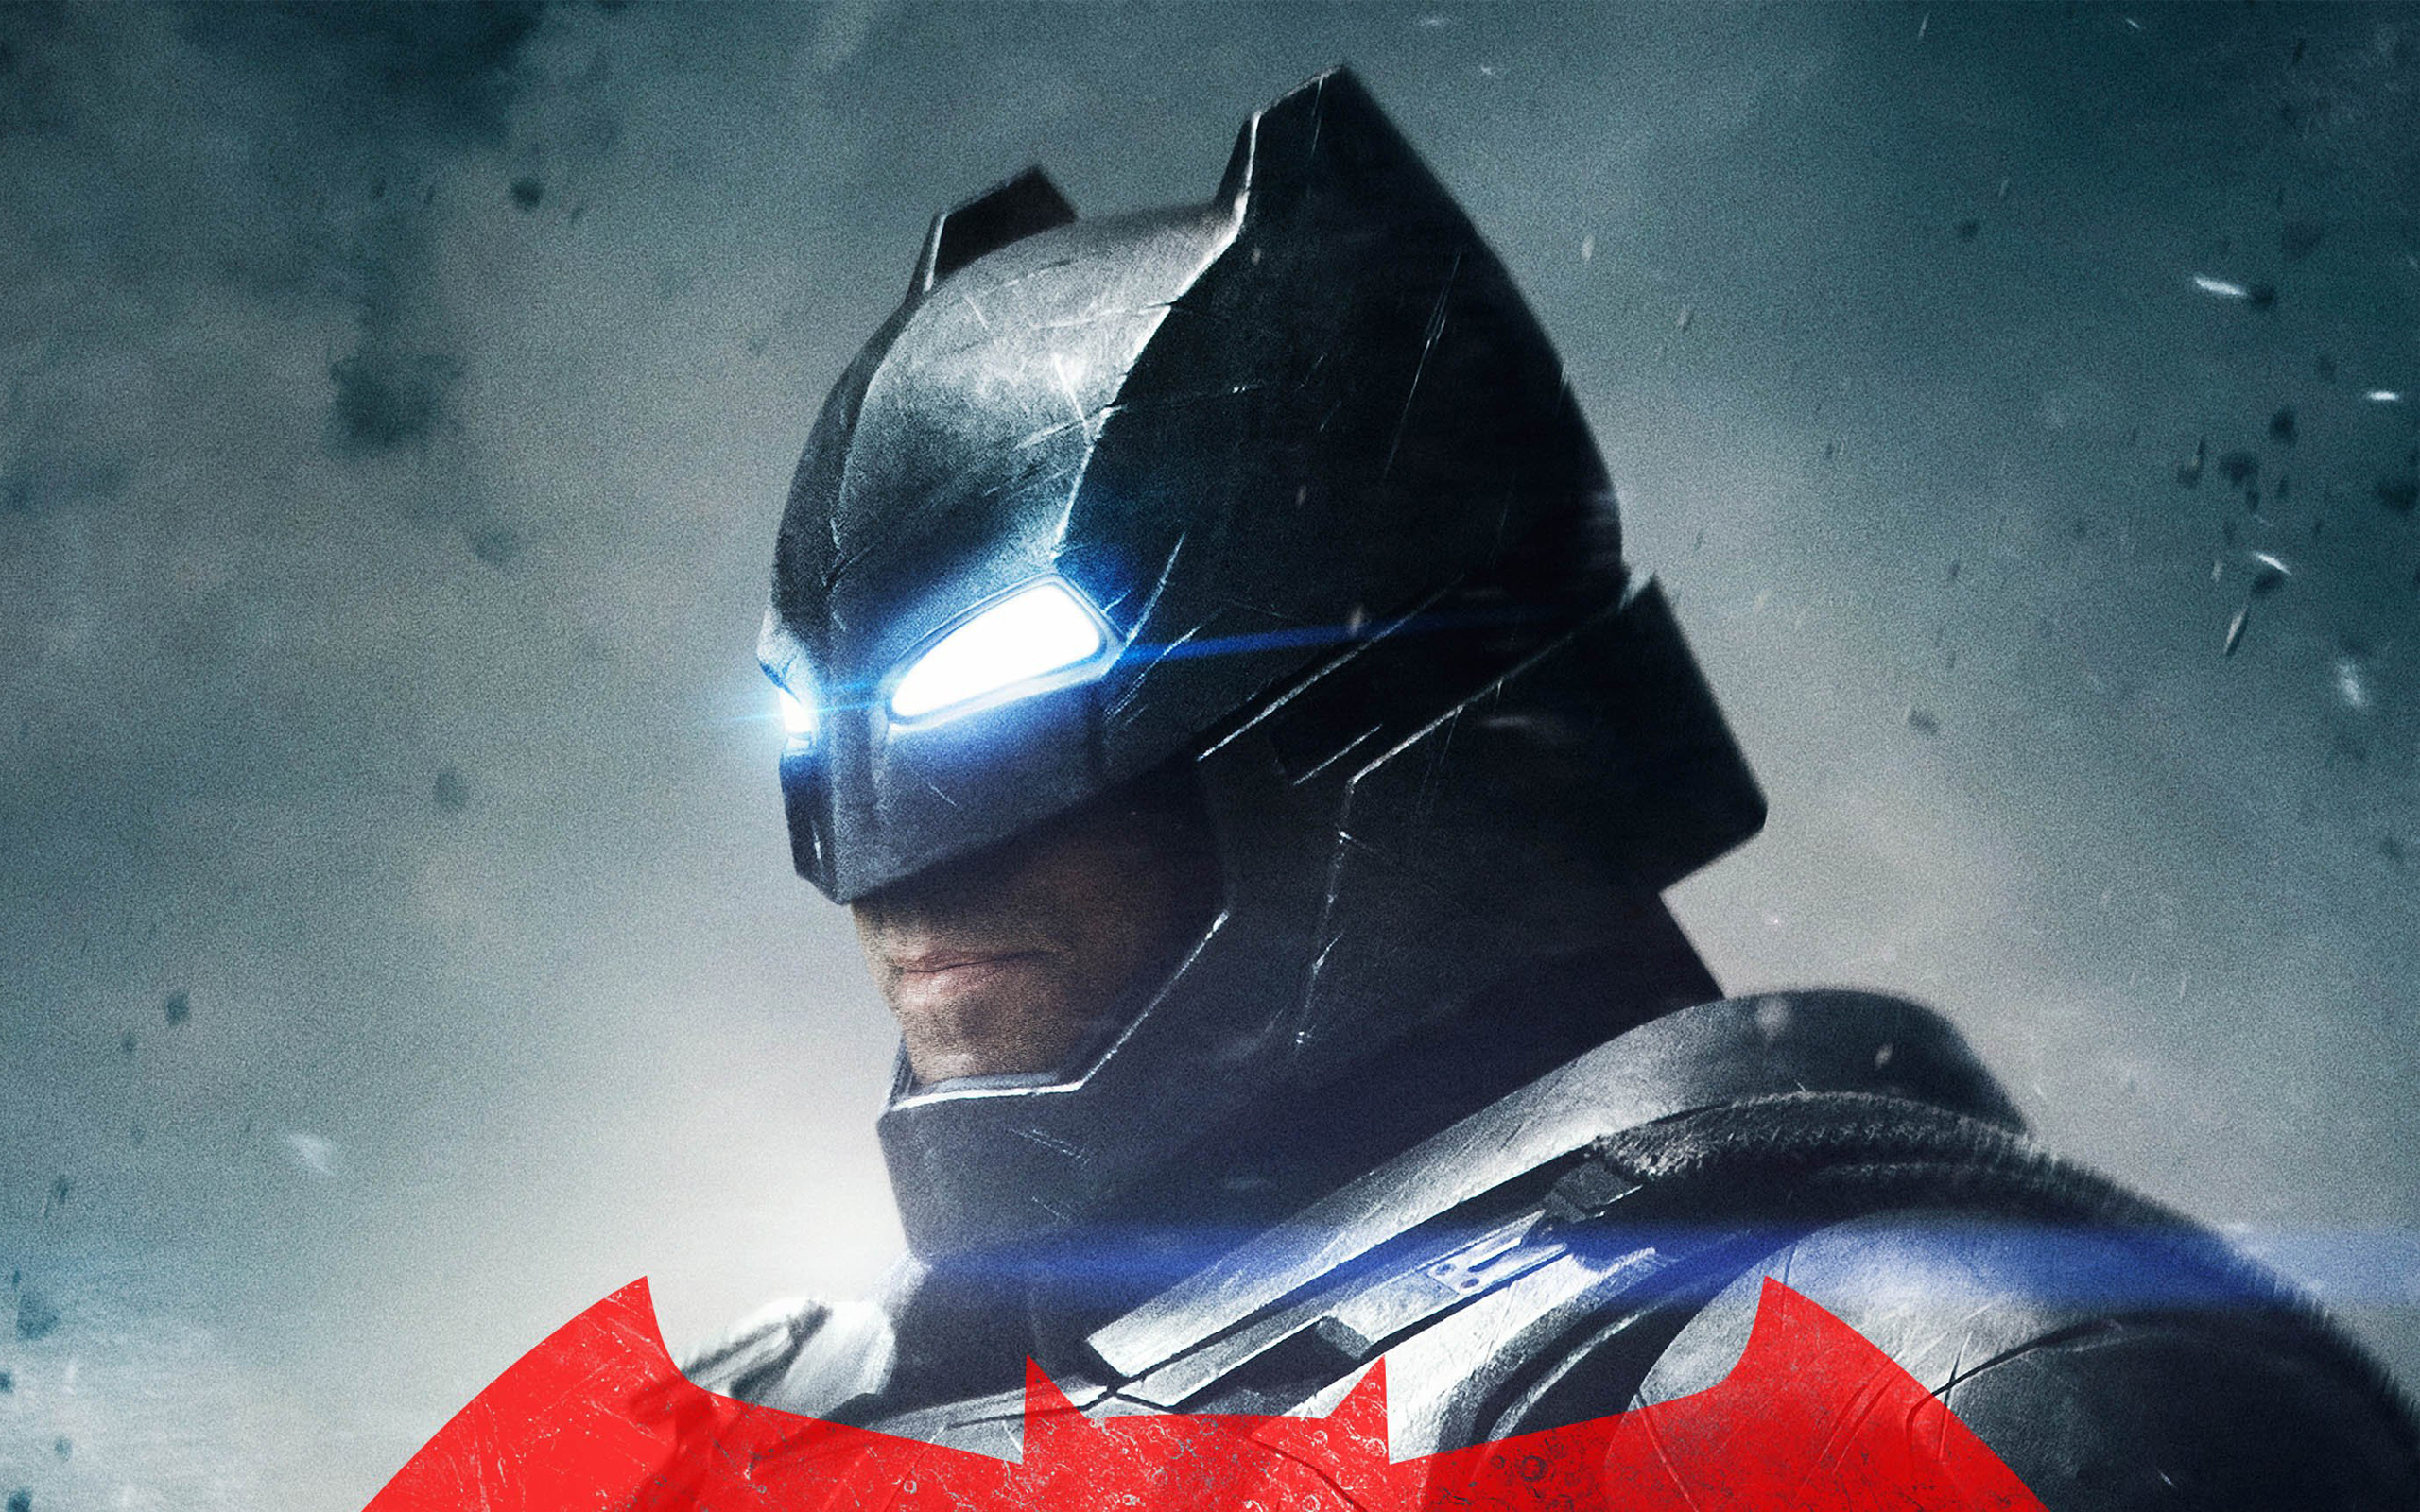 Batman In Batman V Superman Official Poster Wallpapers HD Wallpaper 2560x1600